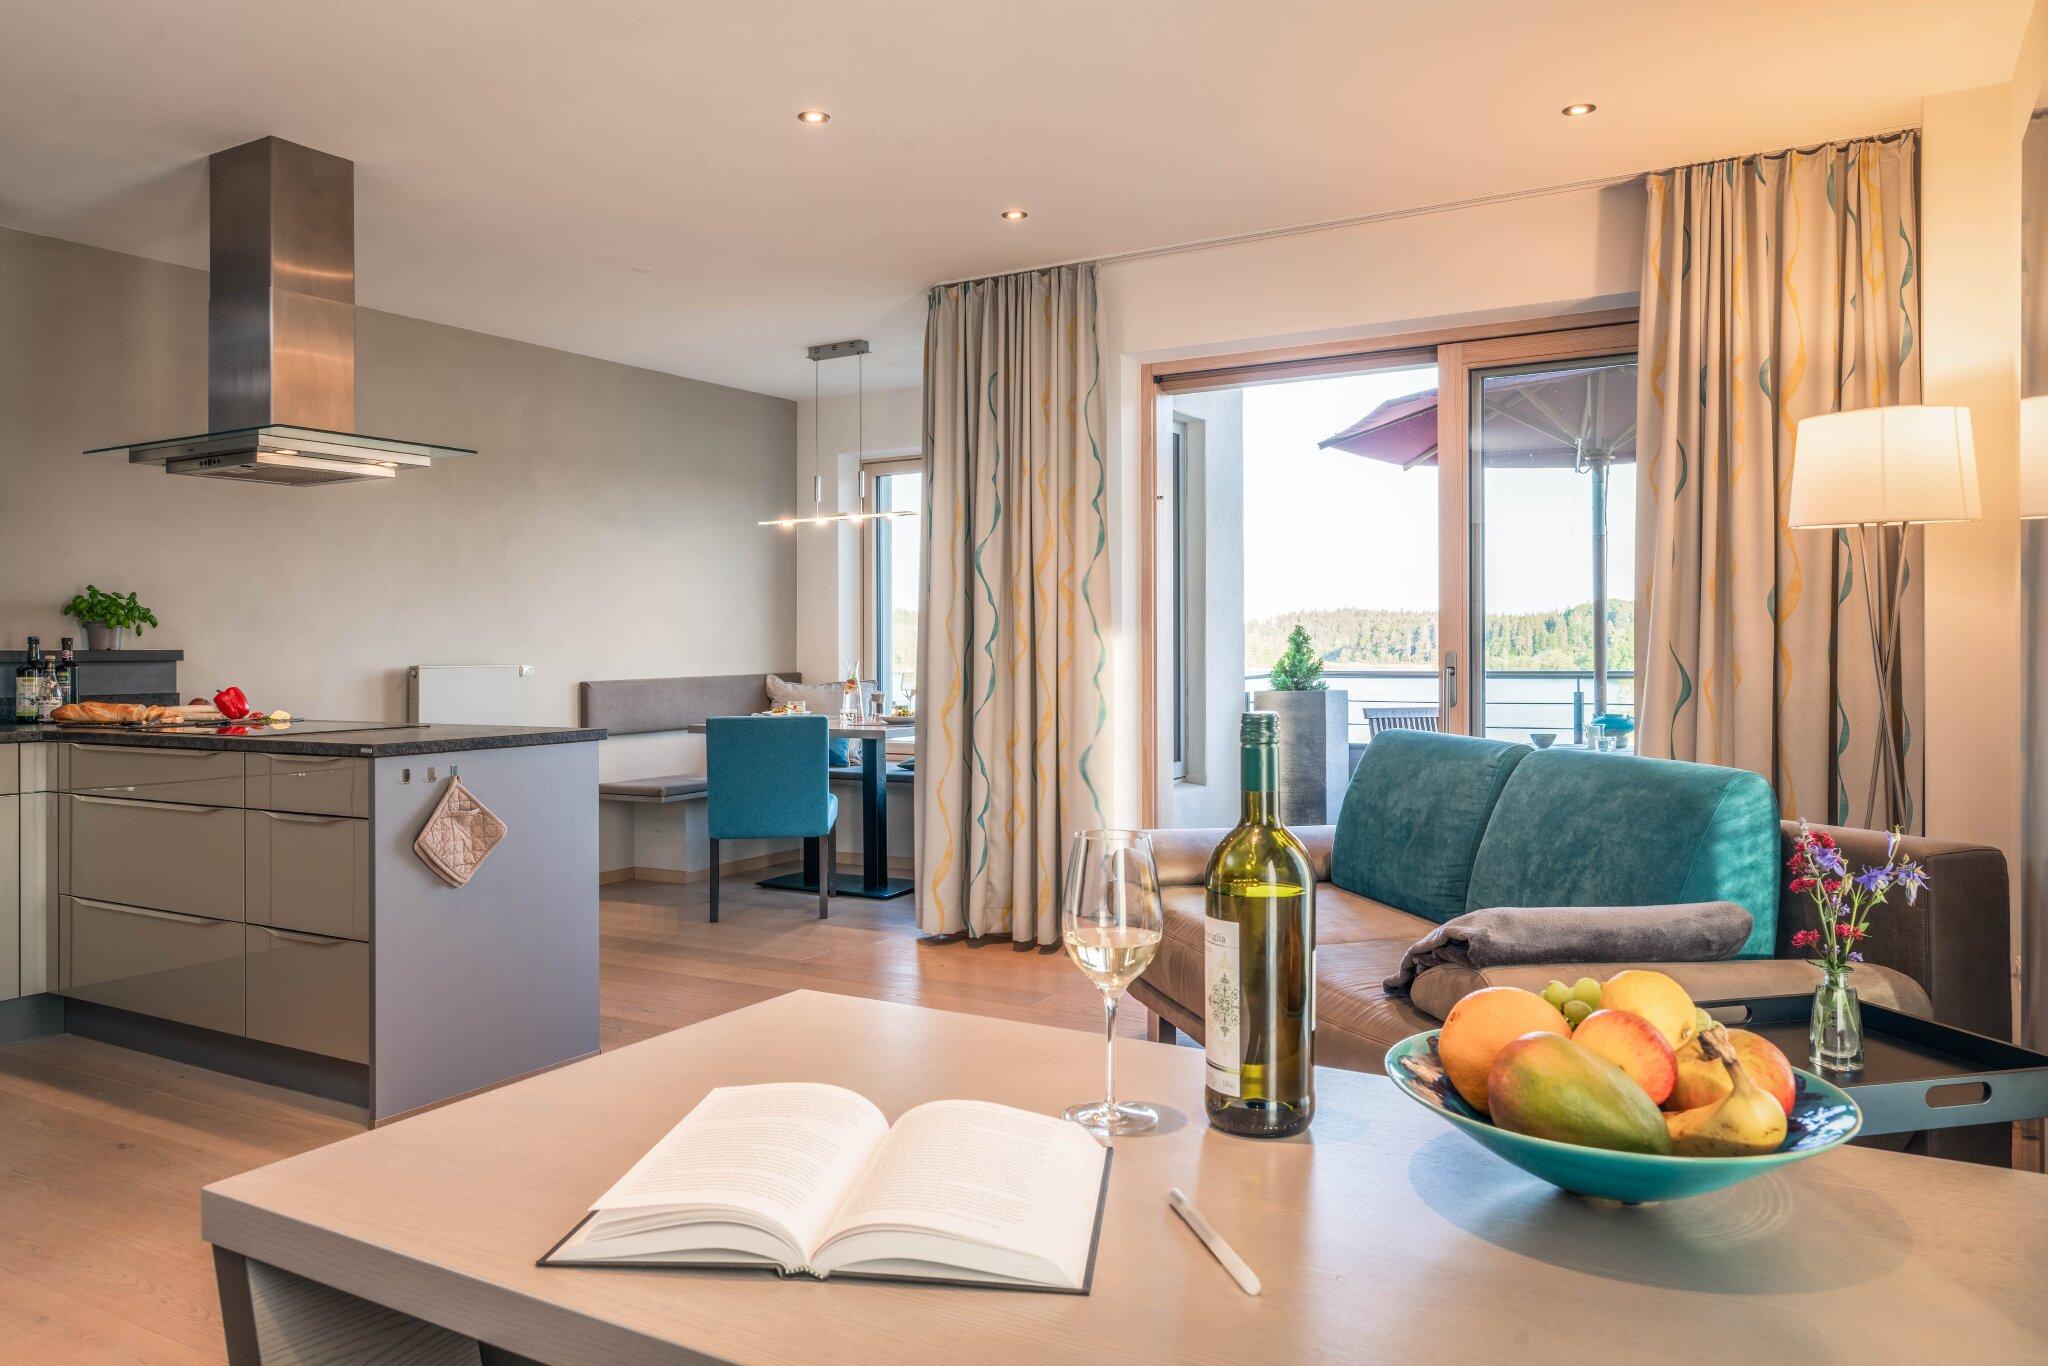 Zusatzbild Nr. 02 von Ferienhaus 'Lebensart-am-See' - Appartement 'Relaxx'